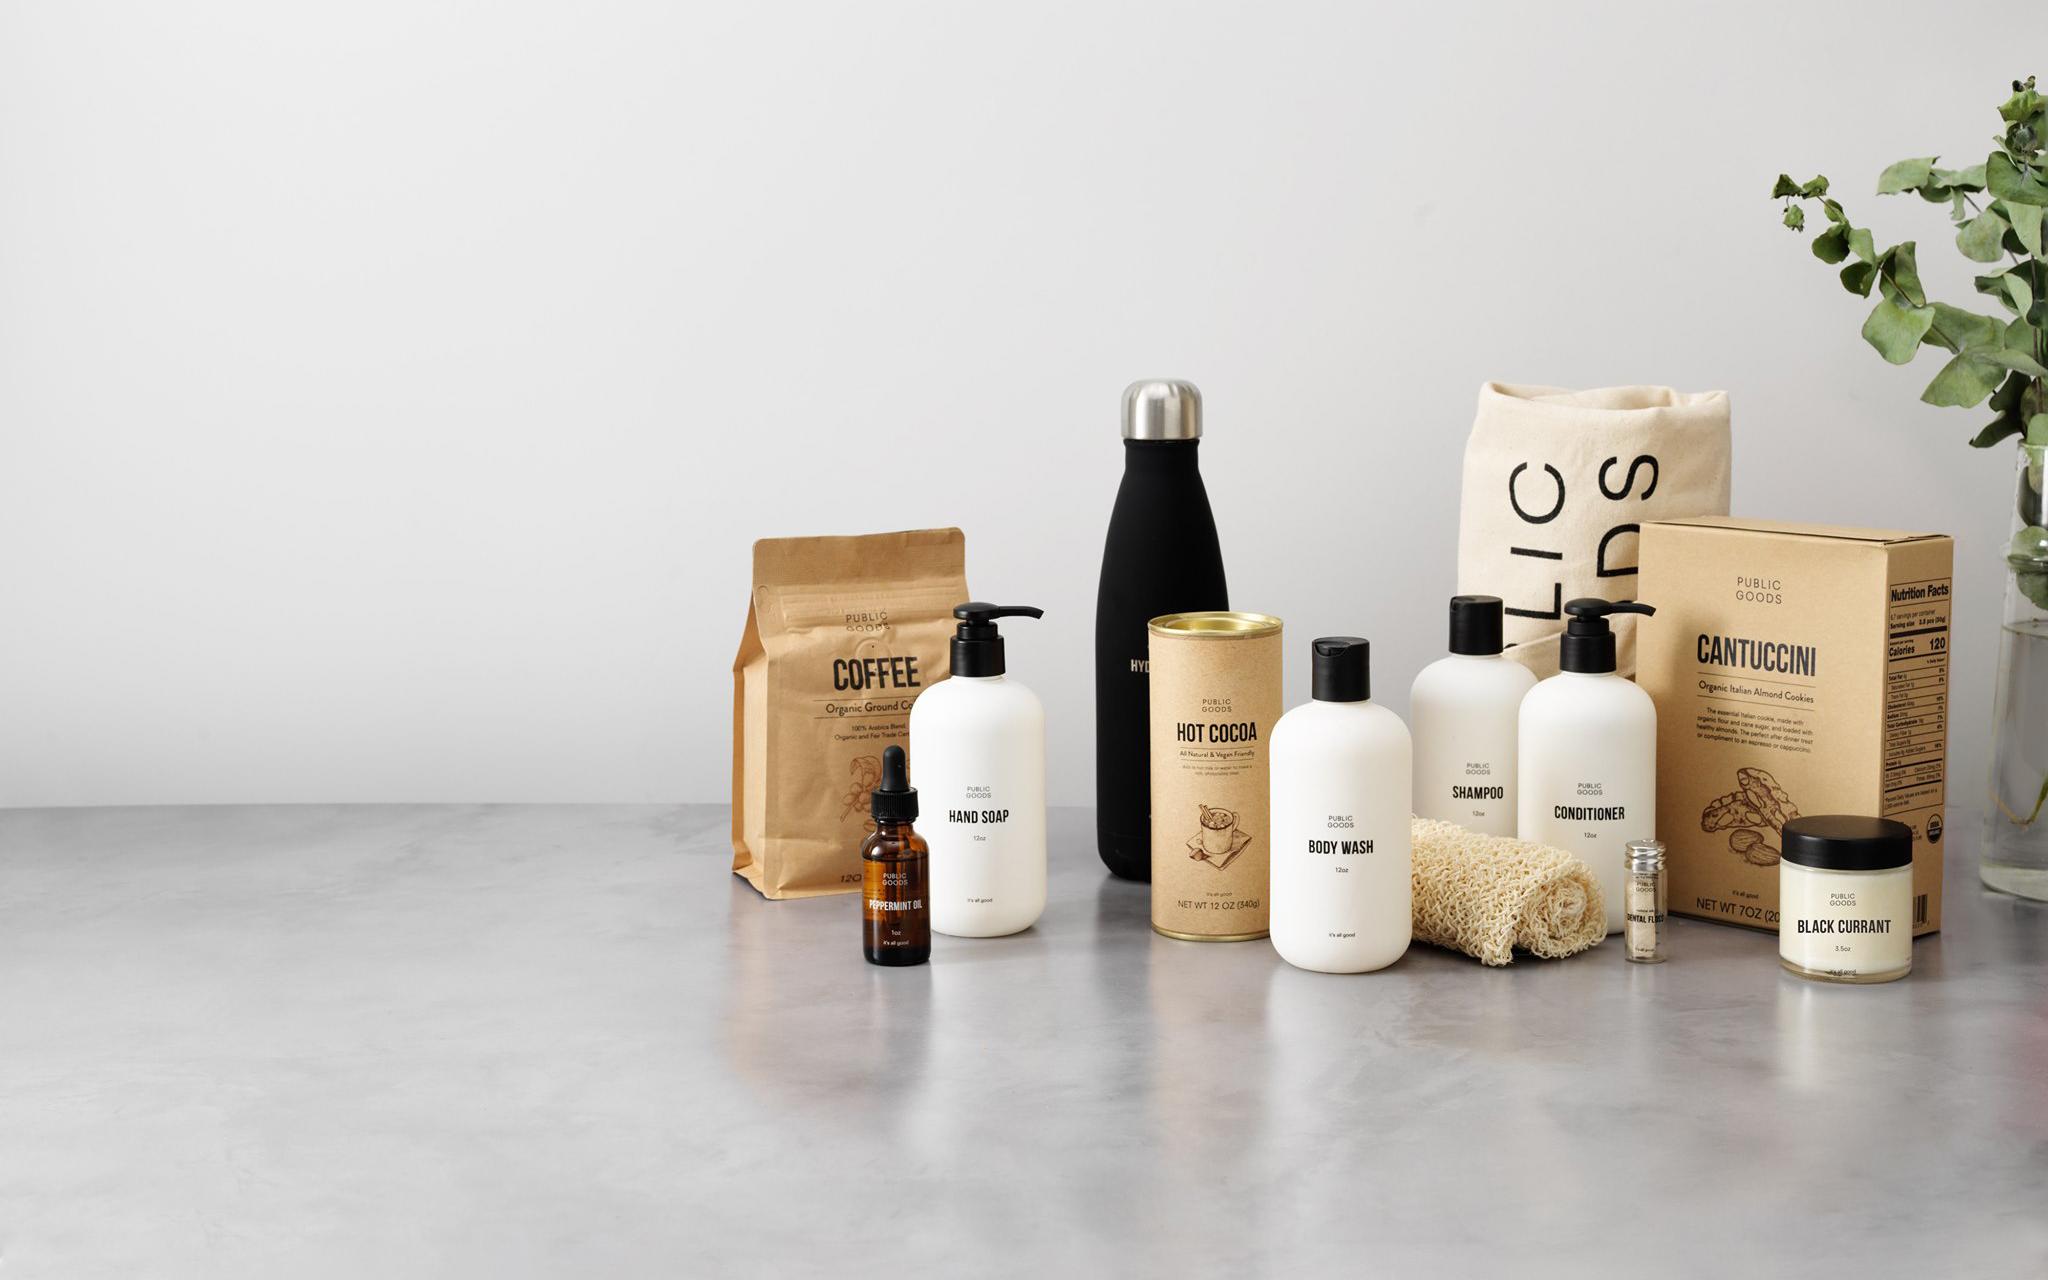 纯净美妆品牌 Saie 和 DTC 杂货品牌 Public Goods 获融资;天猫消费电子发布新品牌加速计划 | 品牌日报